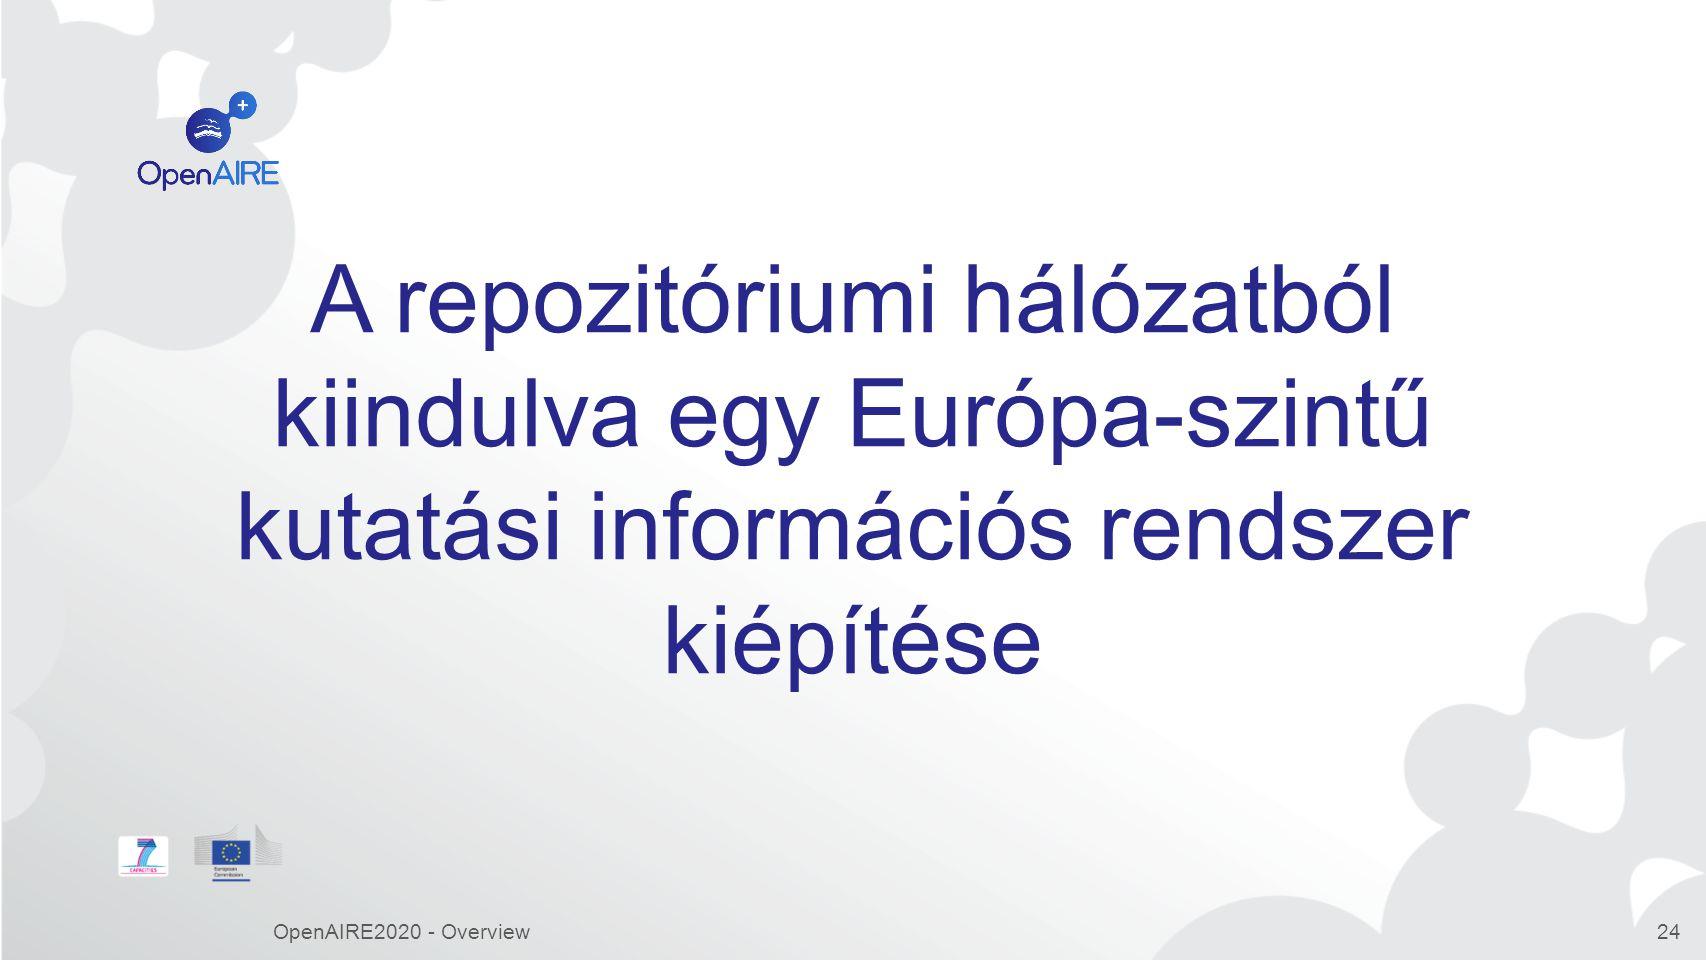 A repozitóriumi hálózatból kiindulva egy Európa-szintű kutatási információs rendszer kiépítése OpenAIRE2020 - Overview24